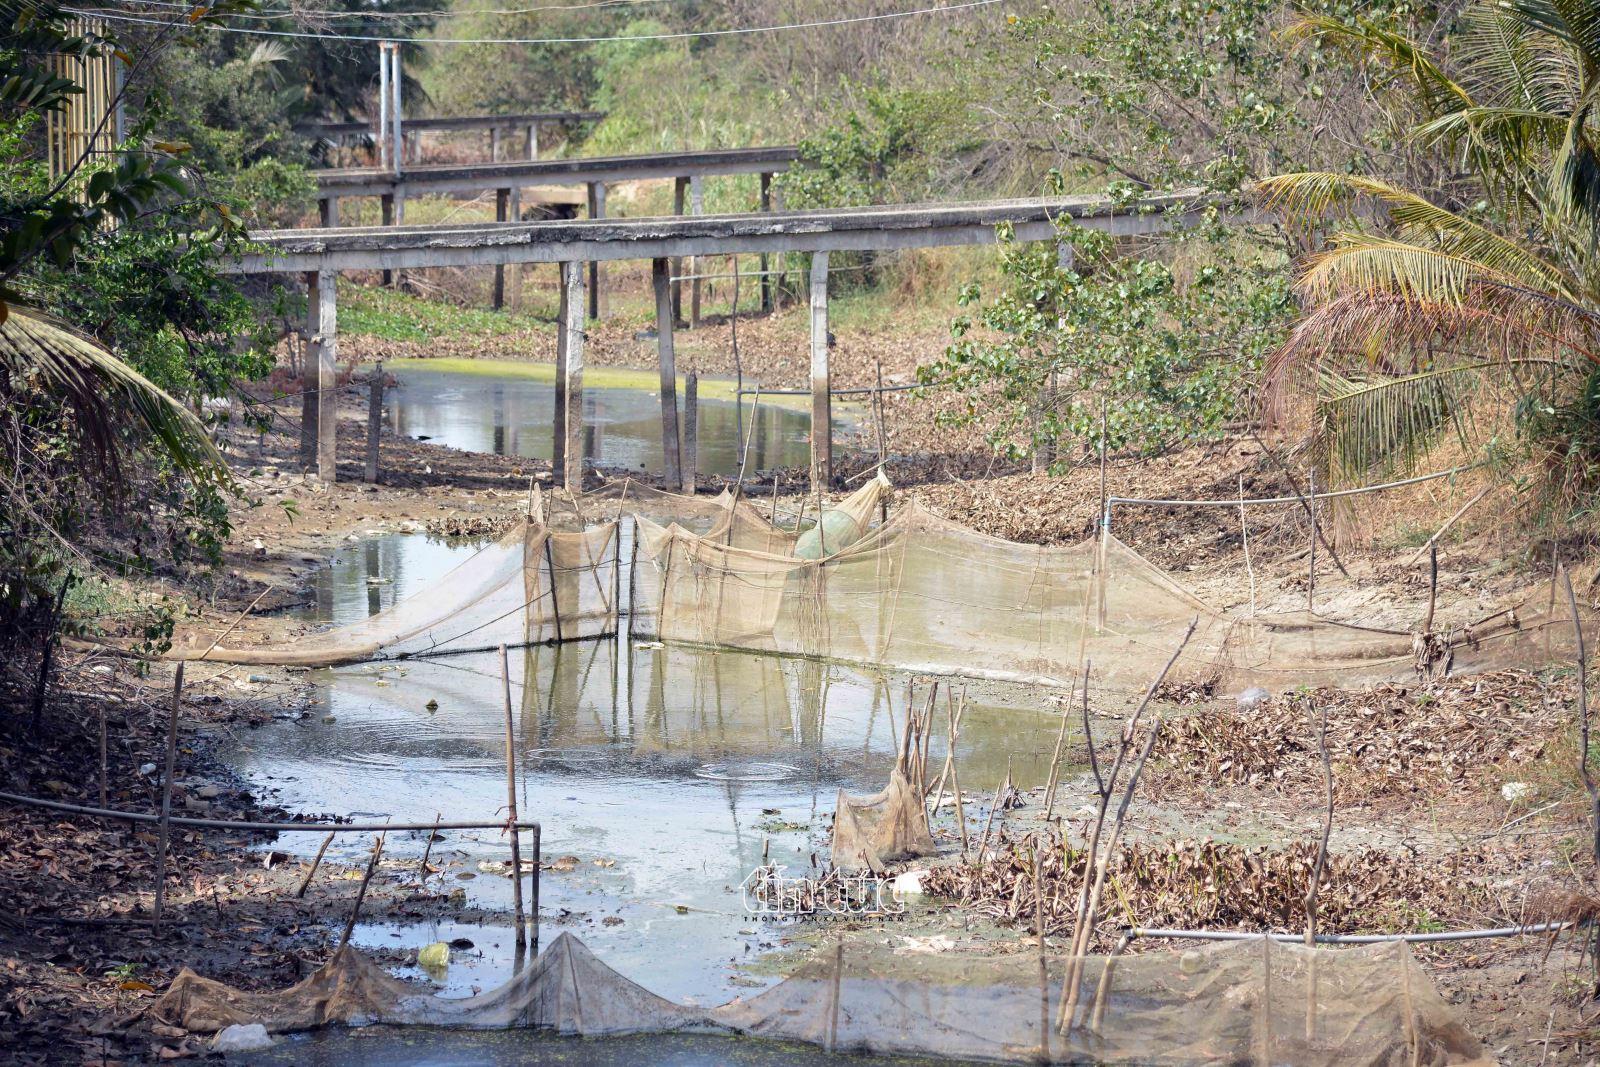 Các kênh, rạch trên địa bàn huyện Gò Công Đông (Tiền Giang) đều cạn trơ đáy do hạn hán, xâm nhập mặn.